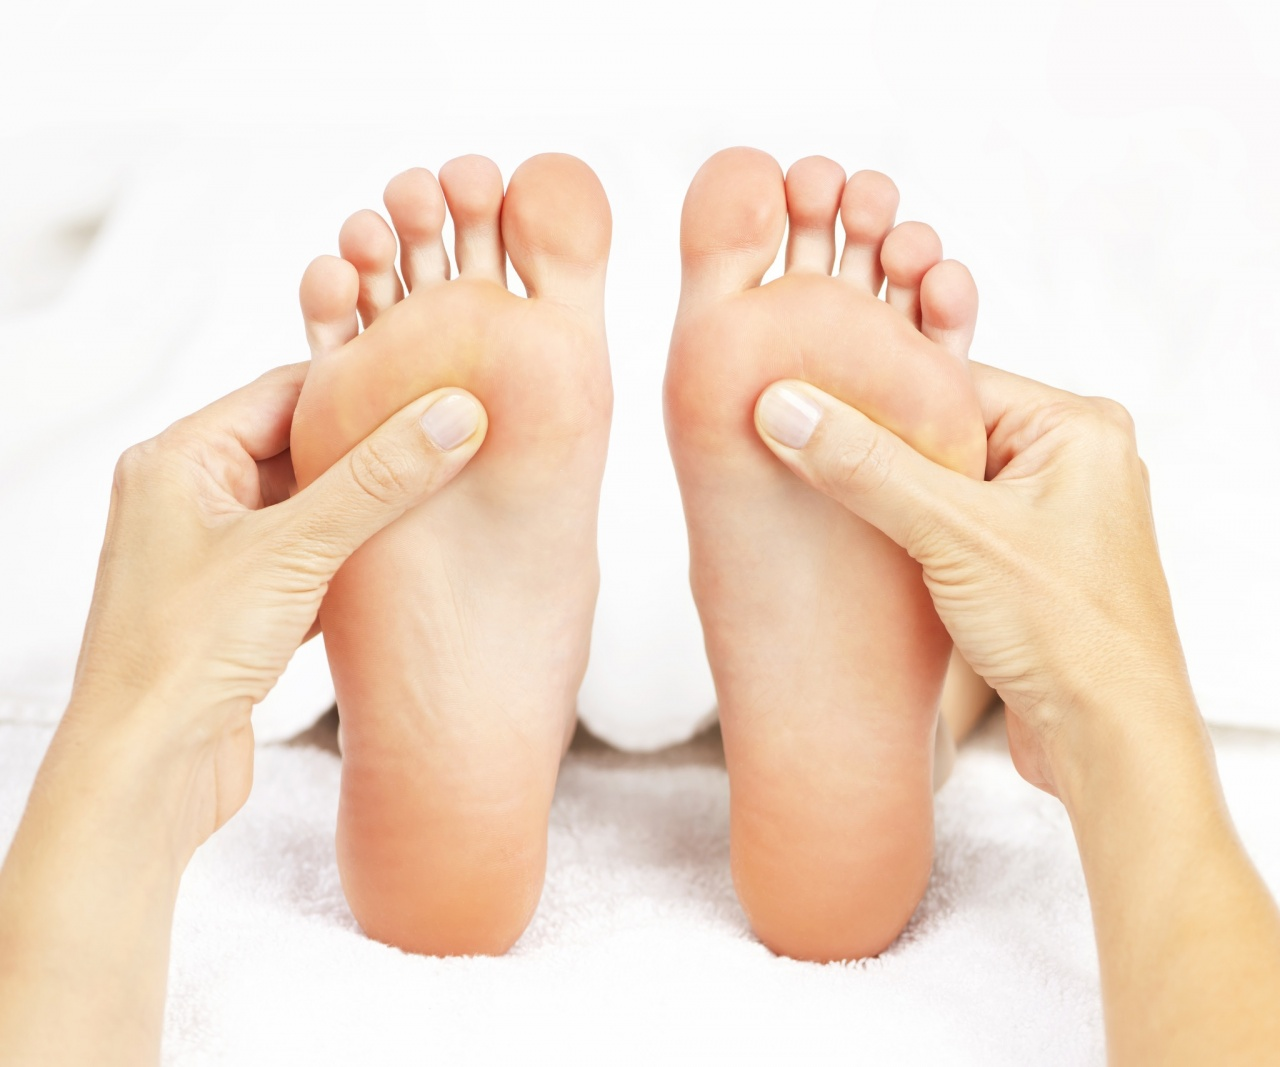 La desaparición de los asteriscos vasculares en los pies por el láser en moskve